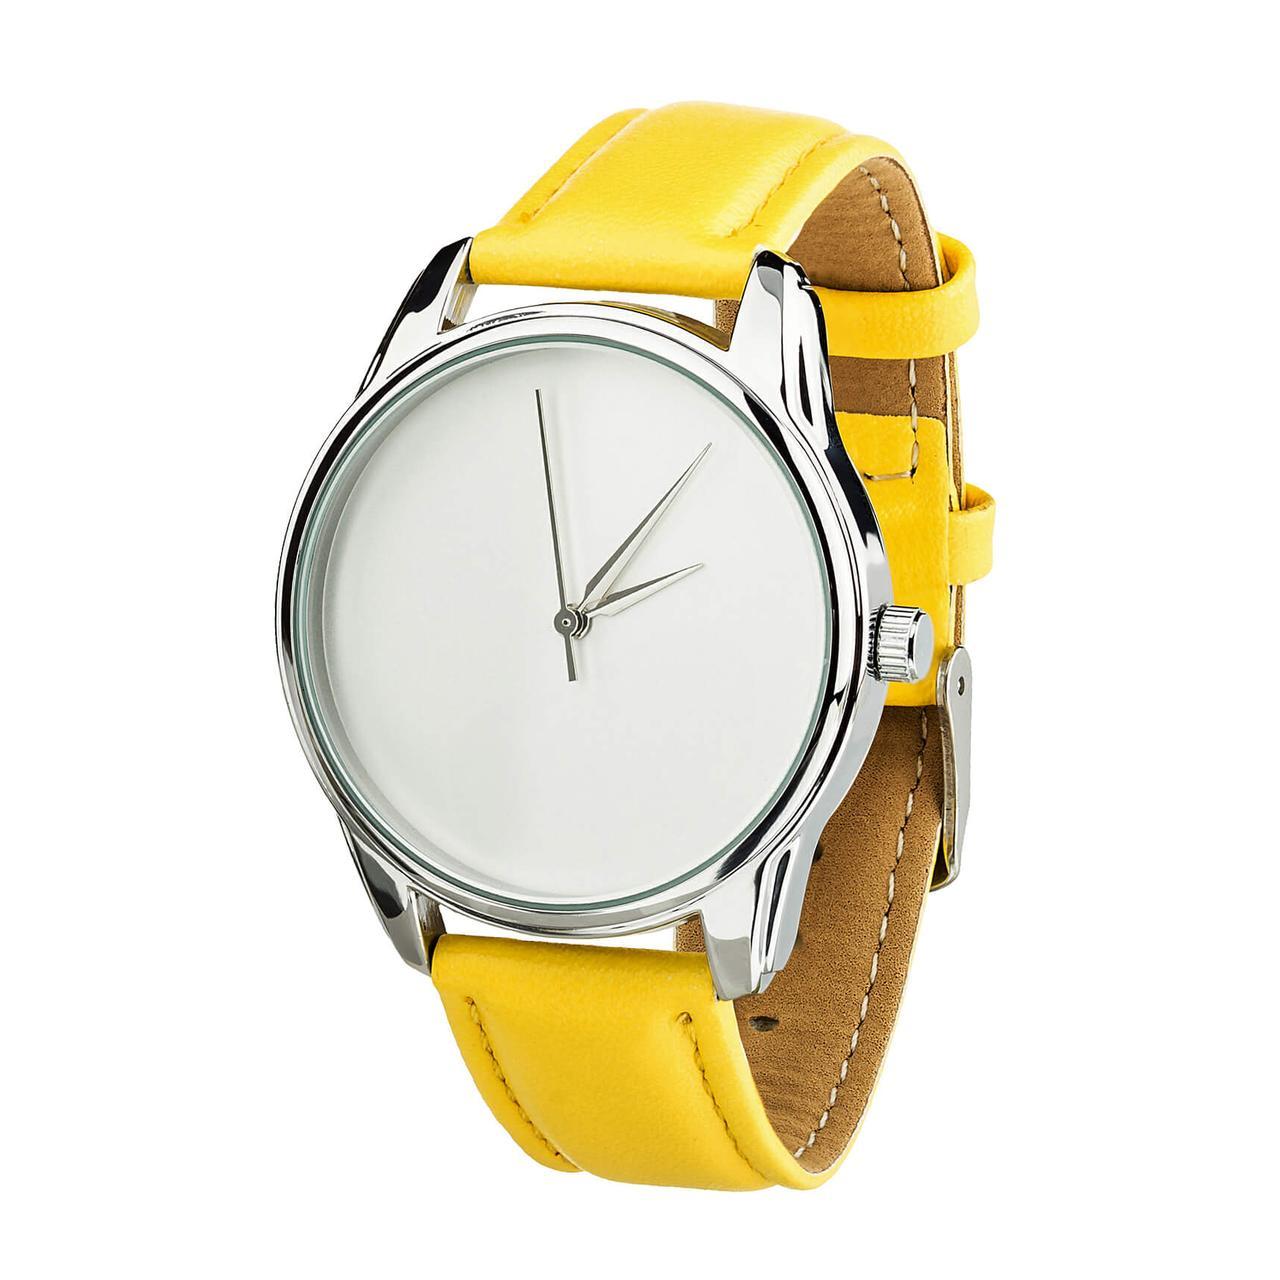 Годинник ZIZ Мінімалізм (ремінець лимонно - жовтий, срібло) + додатковий ремінець